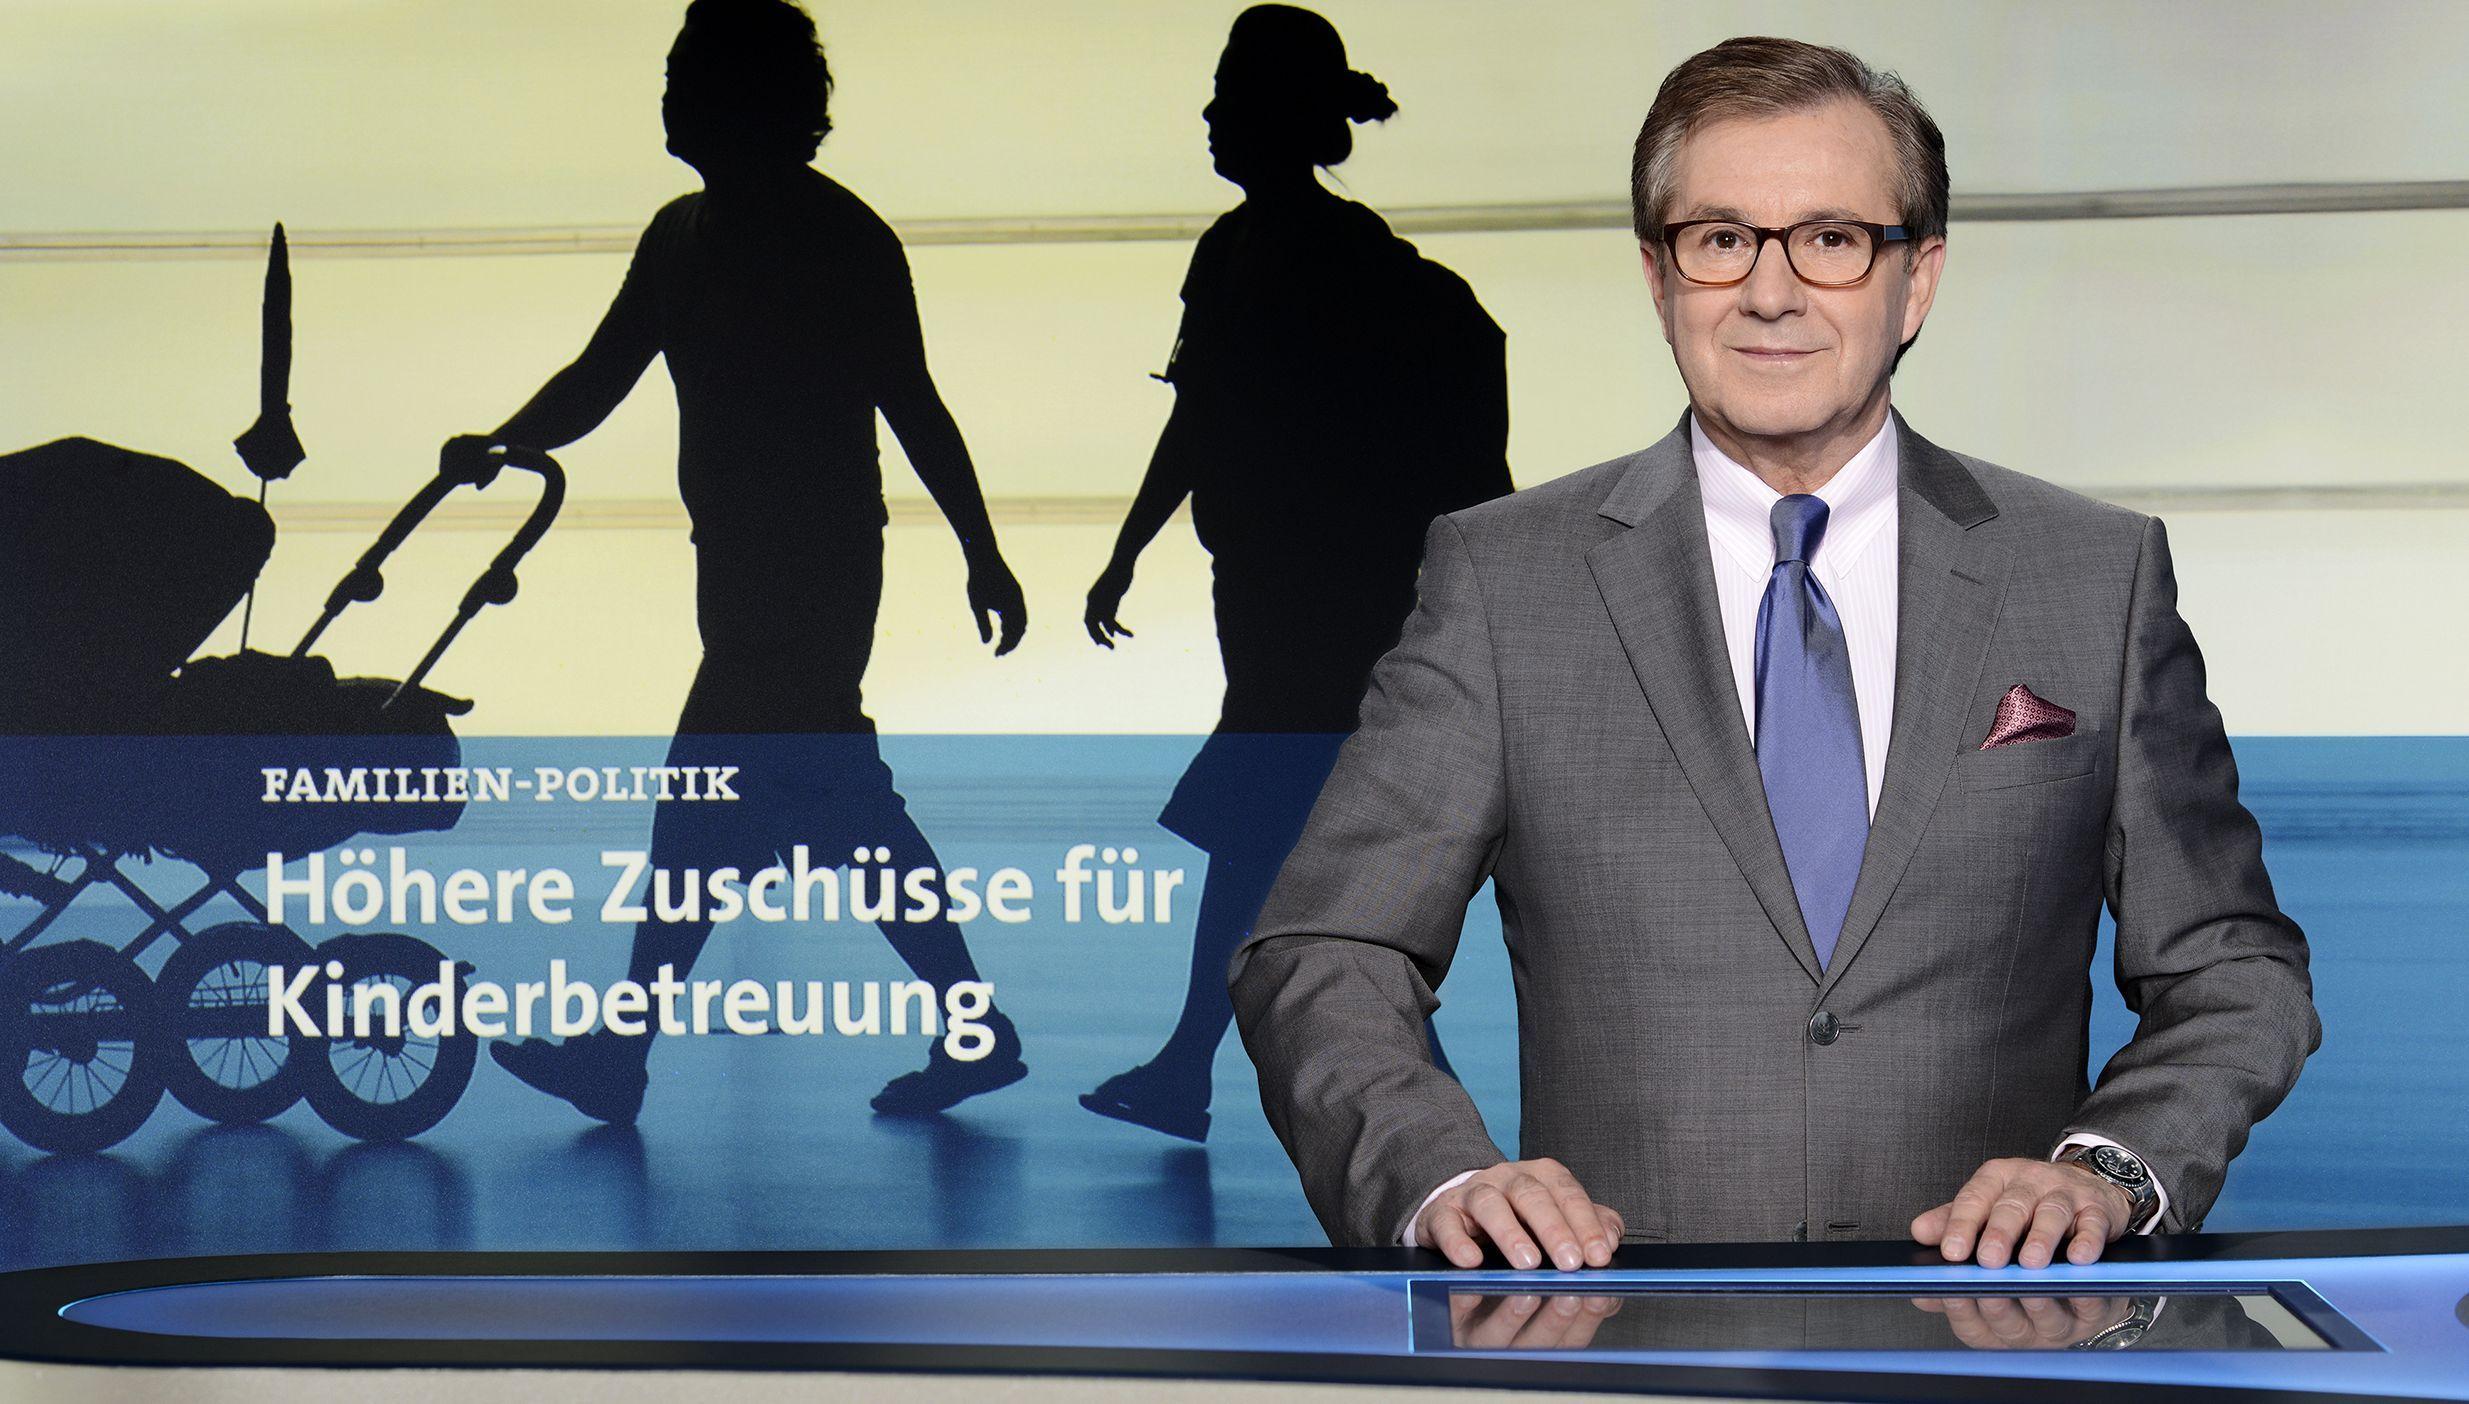 Tagesschau das ist das neue studio ab samstag stars on tv for Nachrichtensprecher zdf